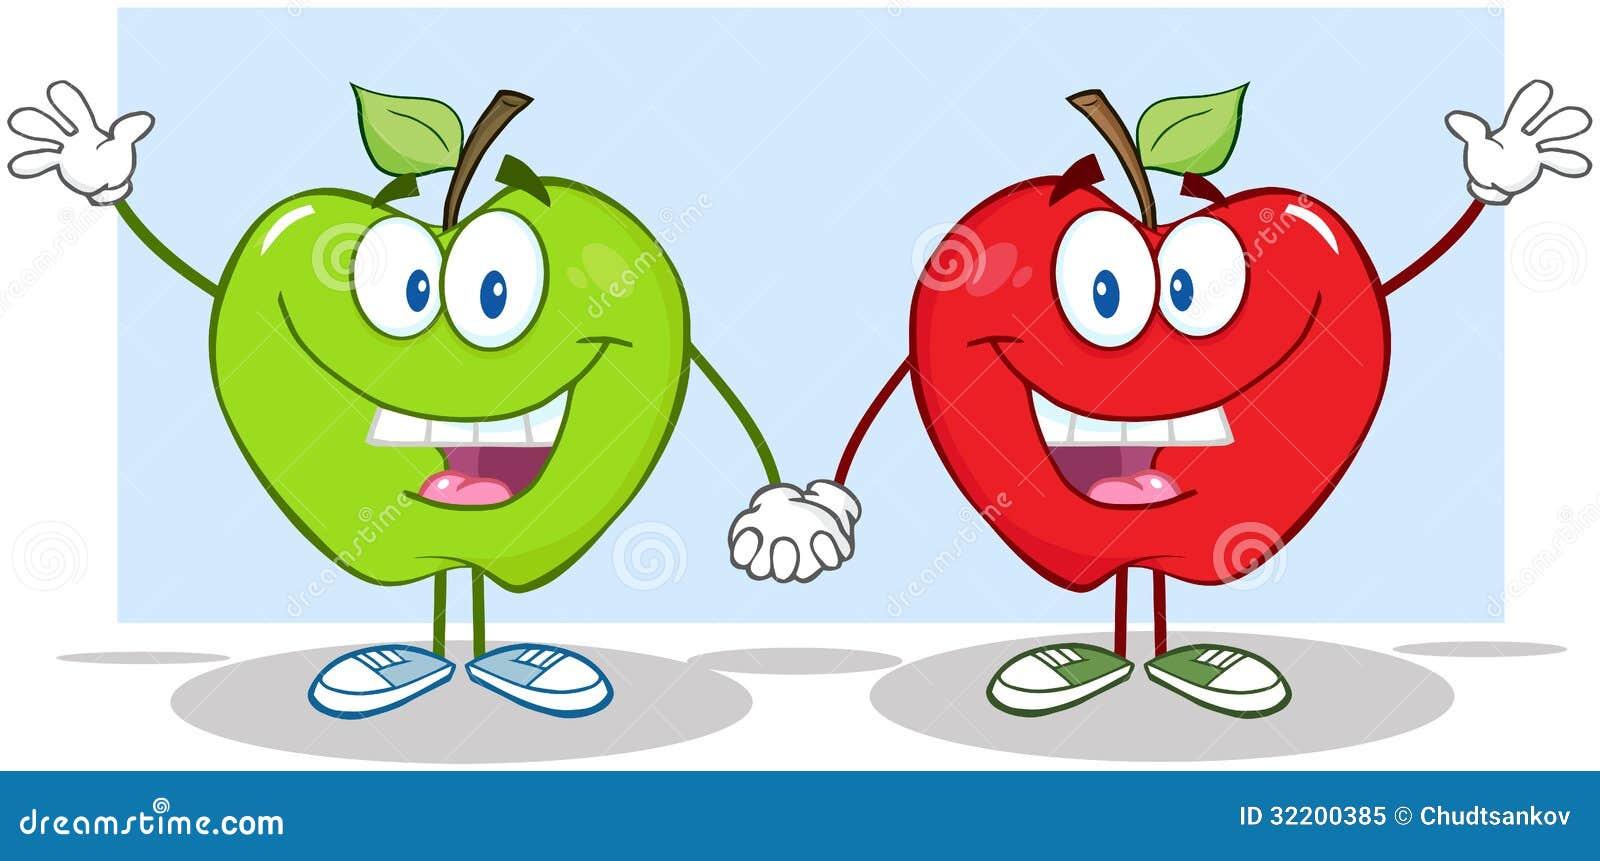 挥动为招呼的红色和绿色苹果漫画人物.图片